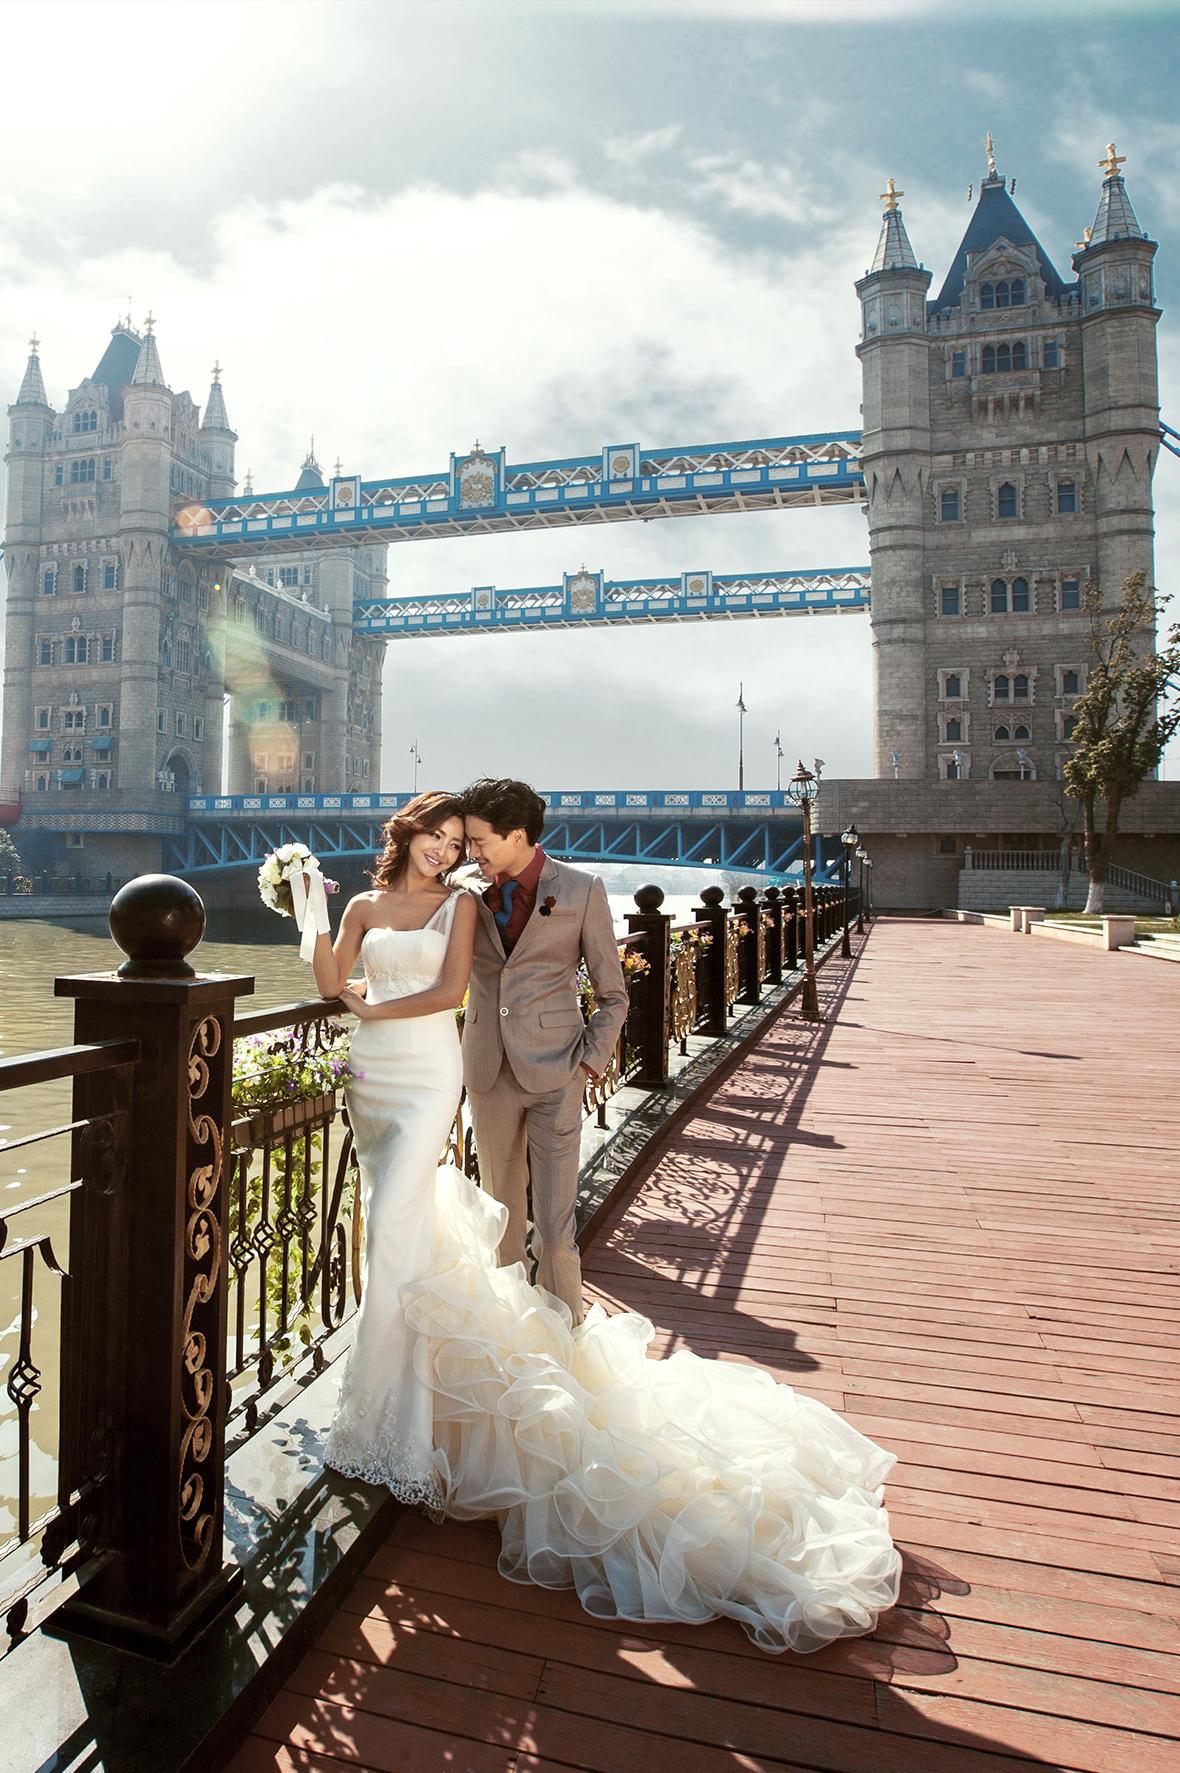 台北婚攝ODi推薦-連雲港婚紗攝影工作室